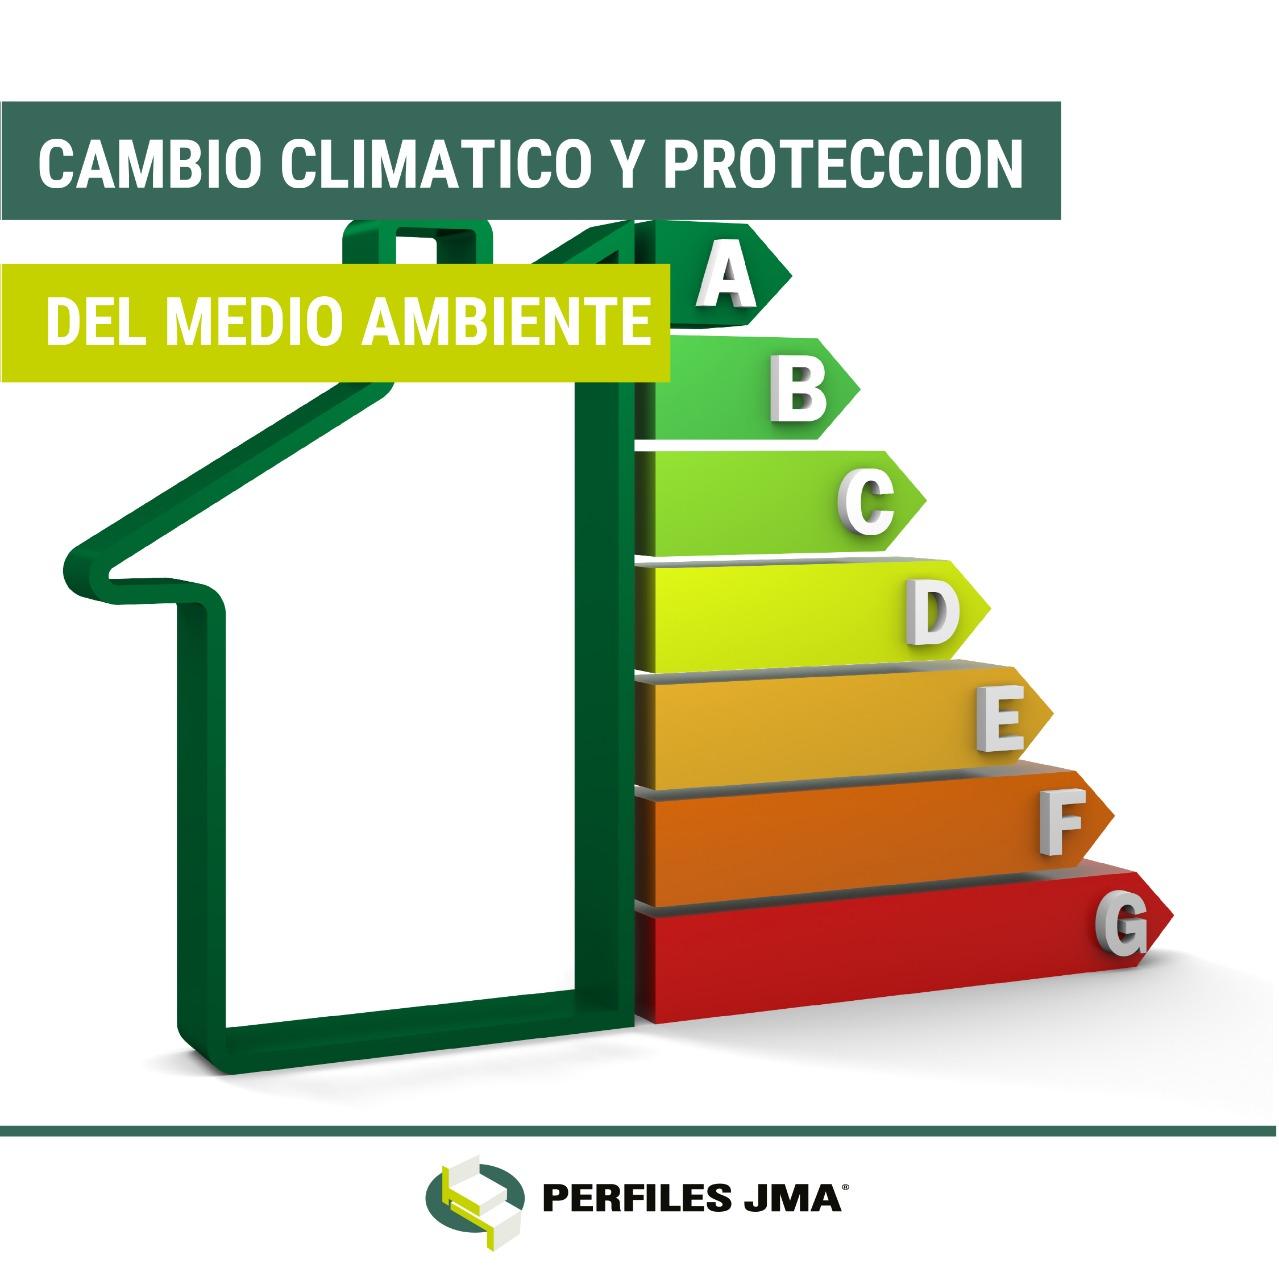 CAMBIO CLIMÁTICO Y PROTECCIÓN DEL MEDIO AMBIENTE